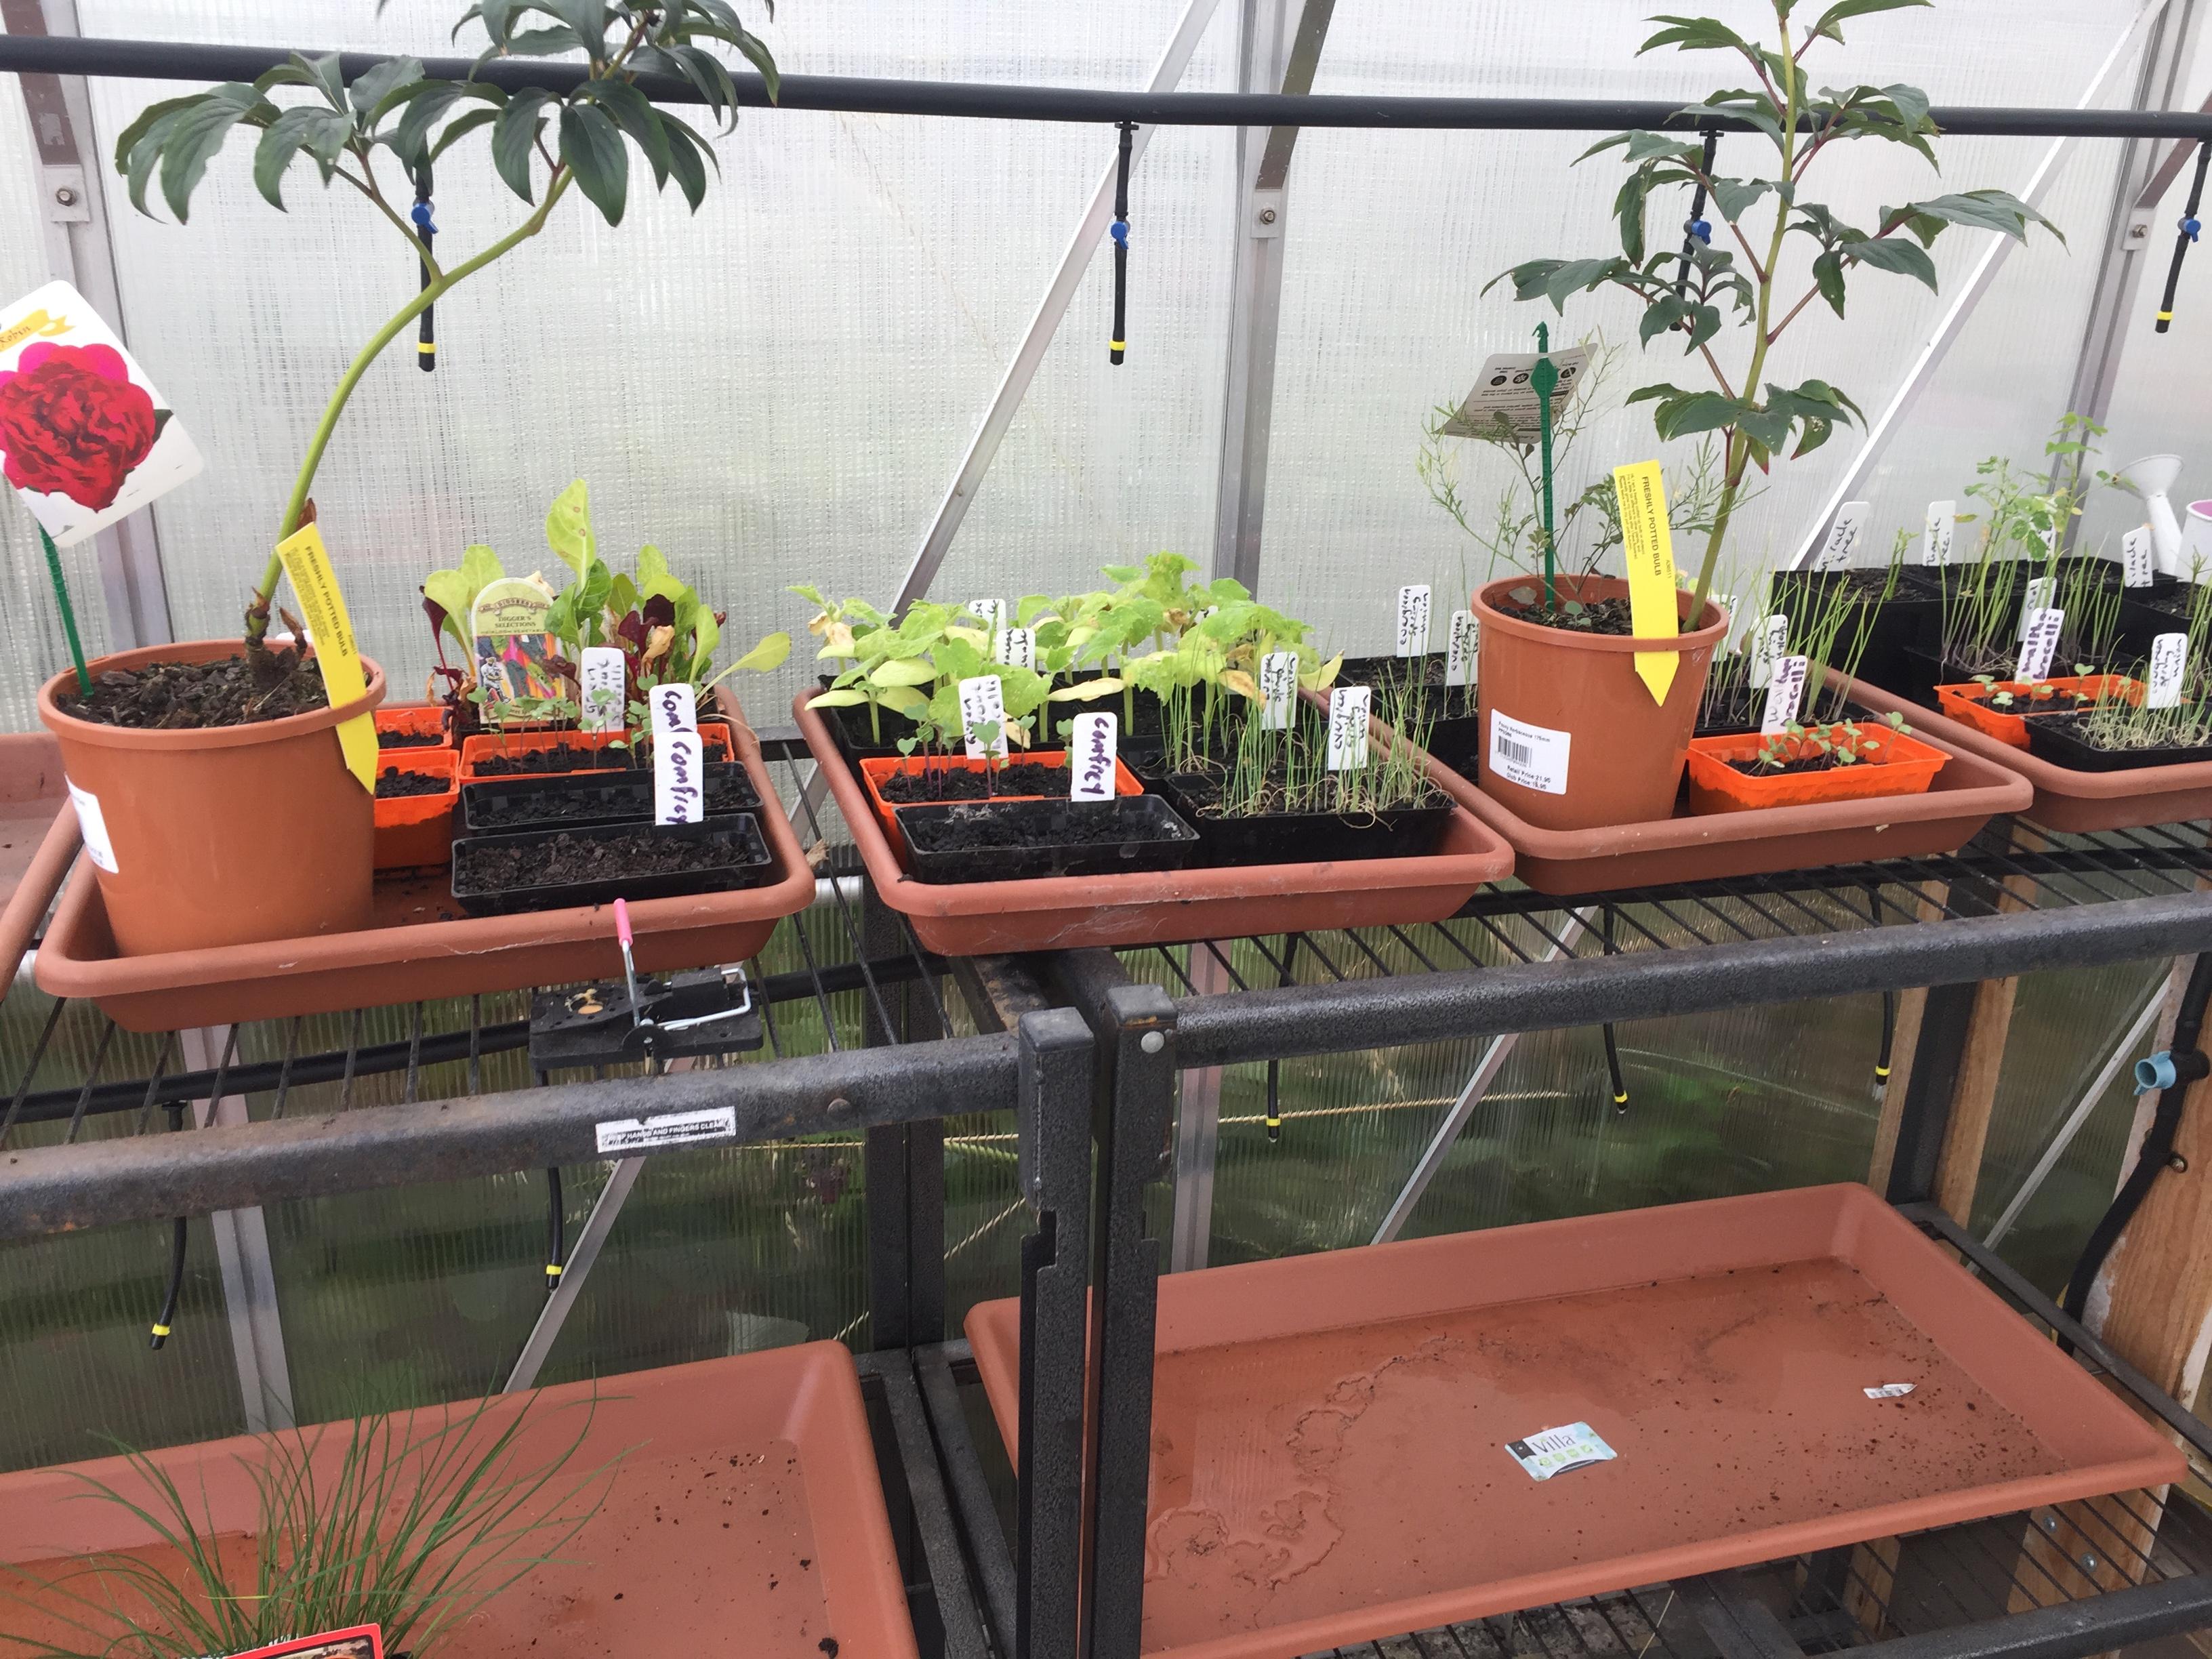 Greenhouse – seedlings